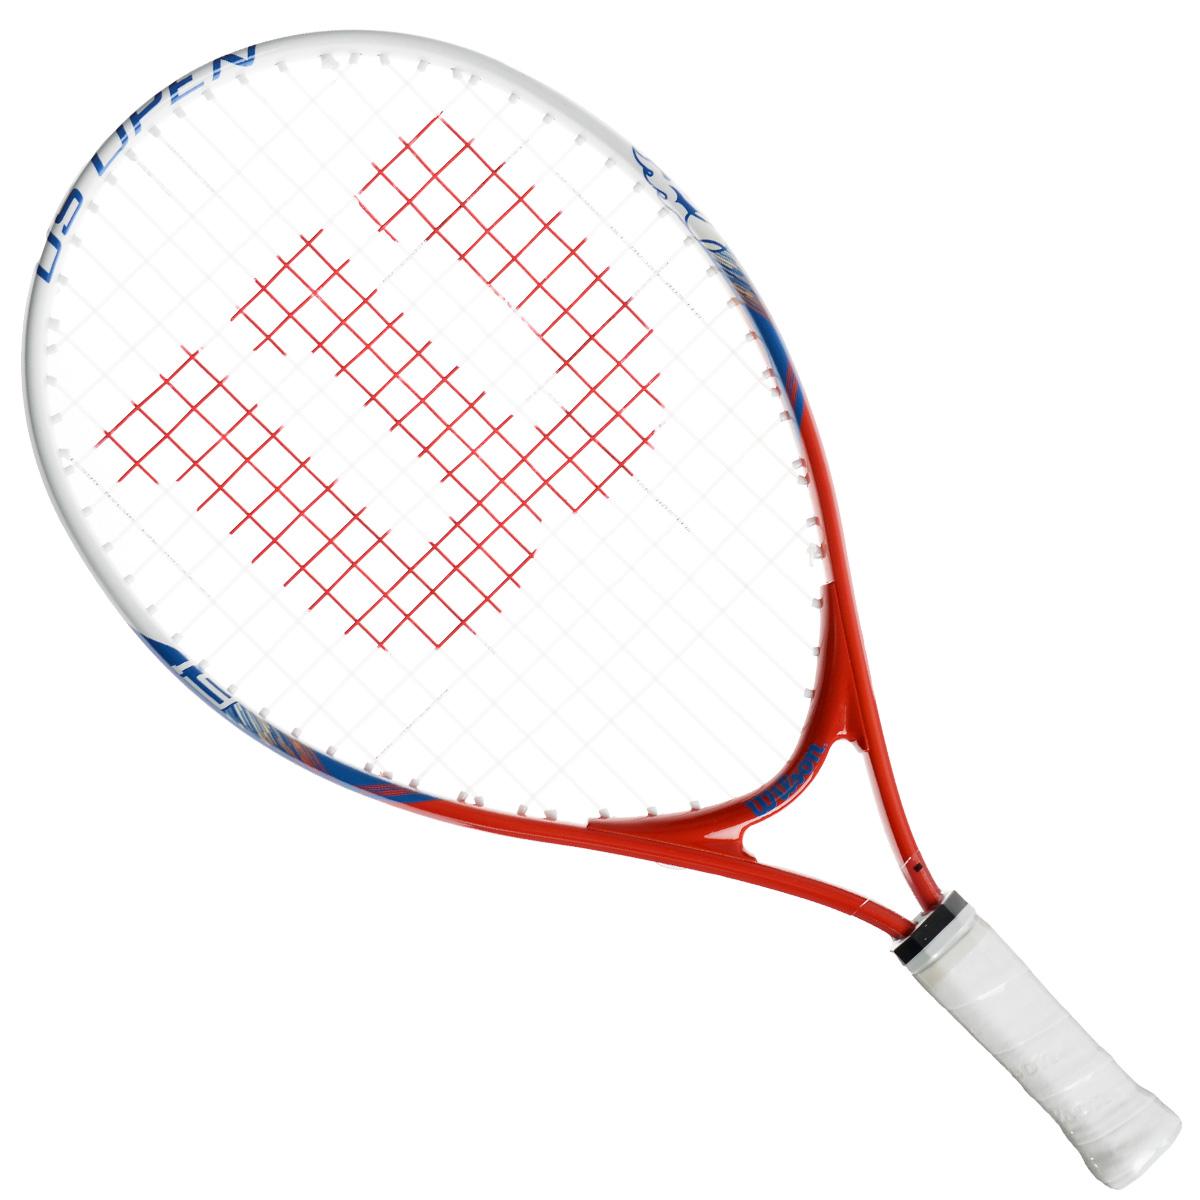 Ракетка детская Wilson US Open 19124438Детская теннисная ракетка Wilson US Open 19 отлично подойдет для начинающих спортсменов возрастом 2-4 года. Титановый сплав обеспечивает изделию дополнительную прочность. Ракетка имеет небольшой вес для более удобного замаха.